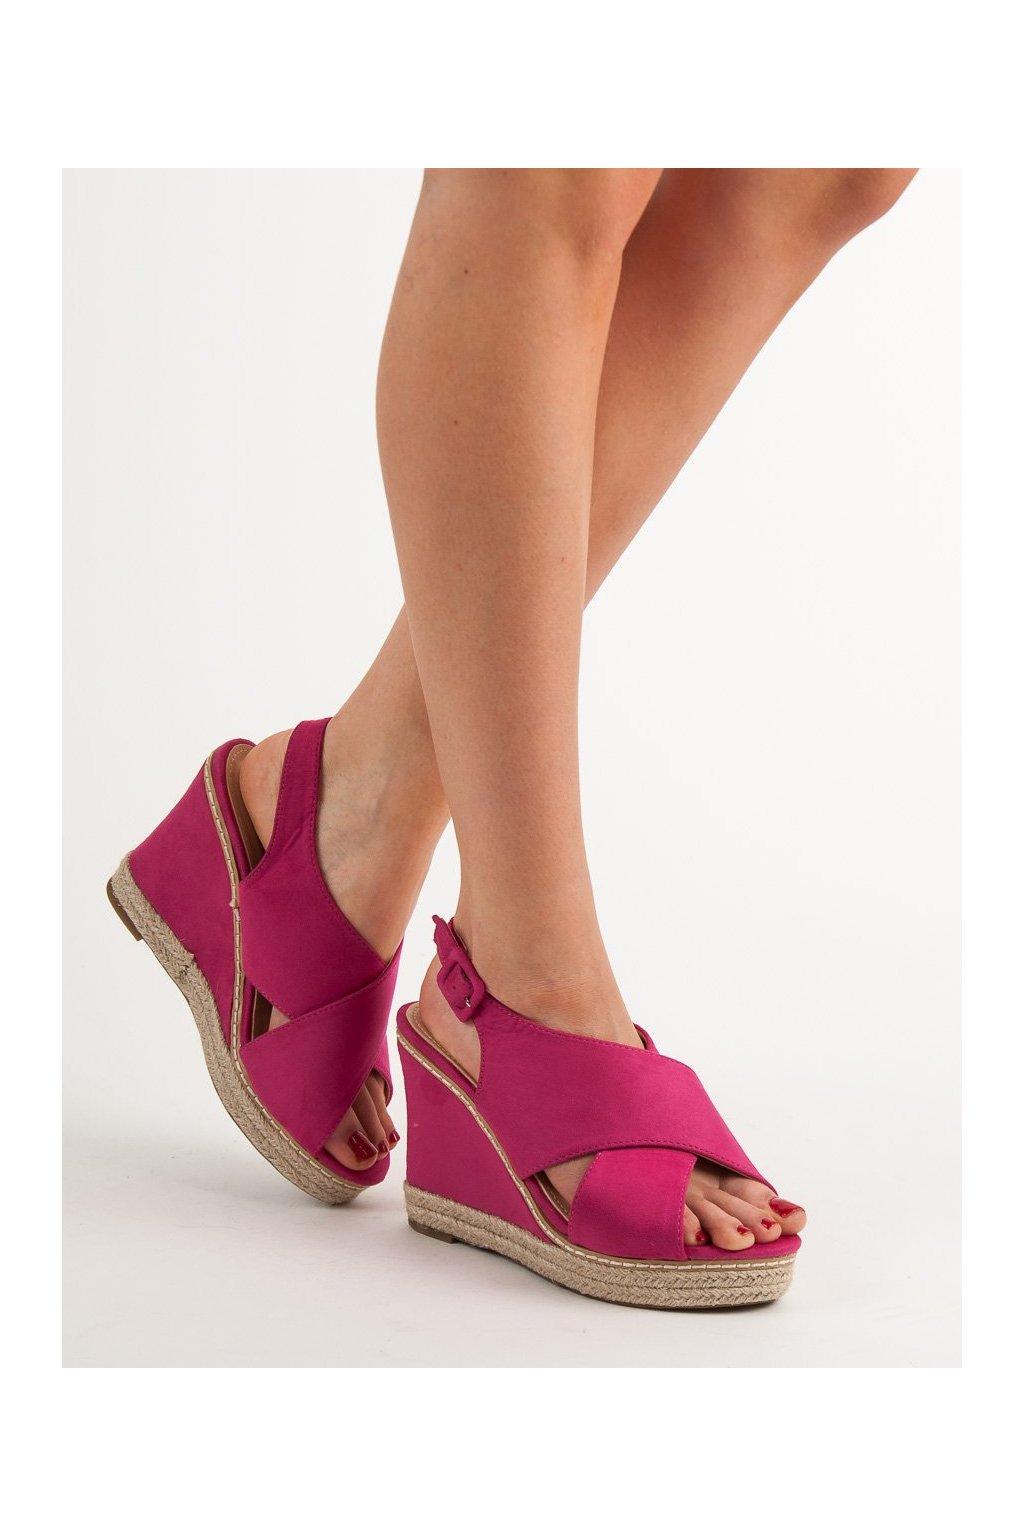 Ružové sandále na platforme Anesia paris kod 66-368FU